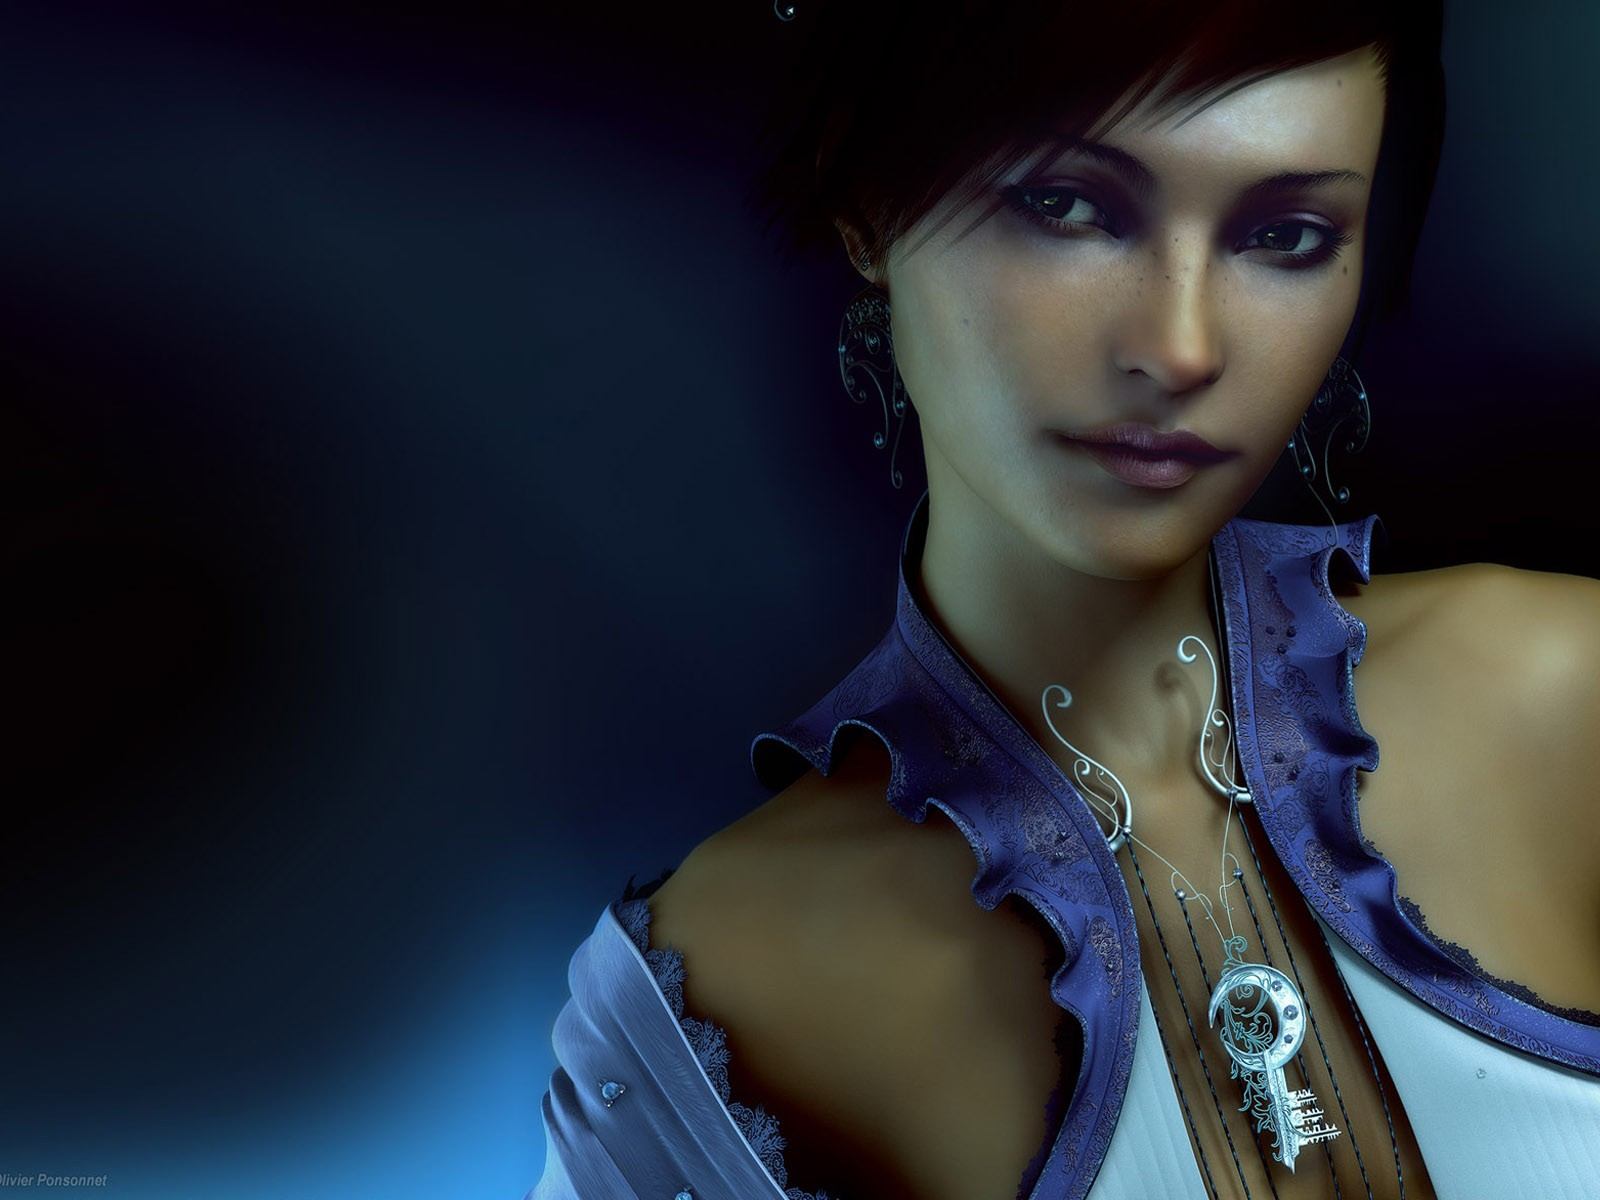 Art Appreciation: CGI Woman